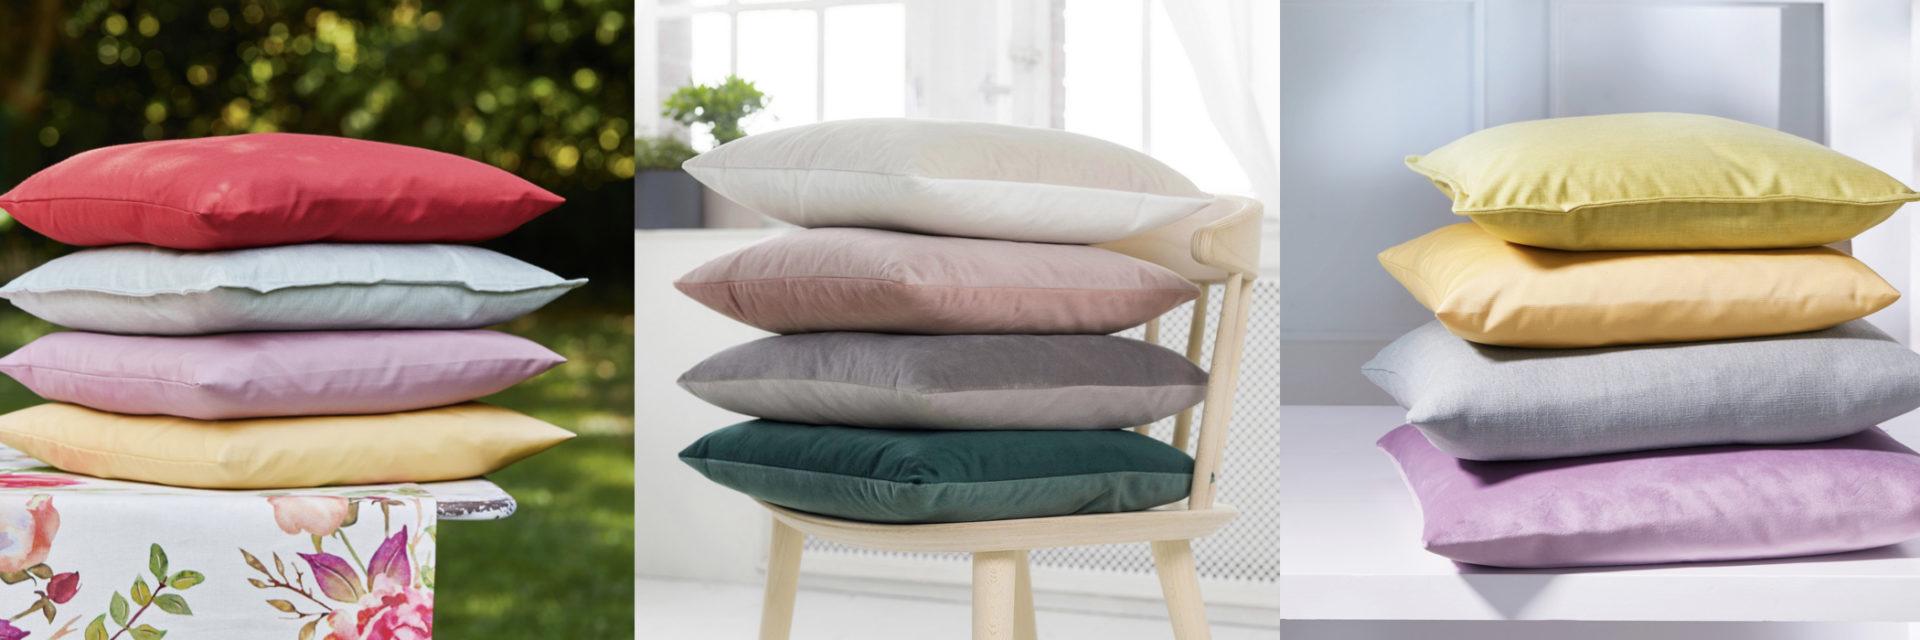 Unikissen & einfarbige Kissen